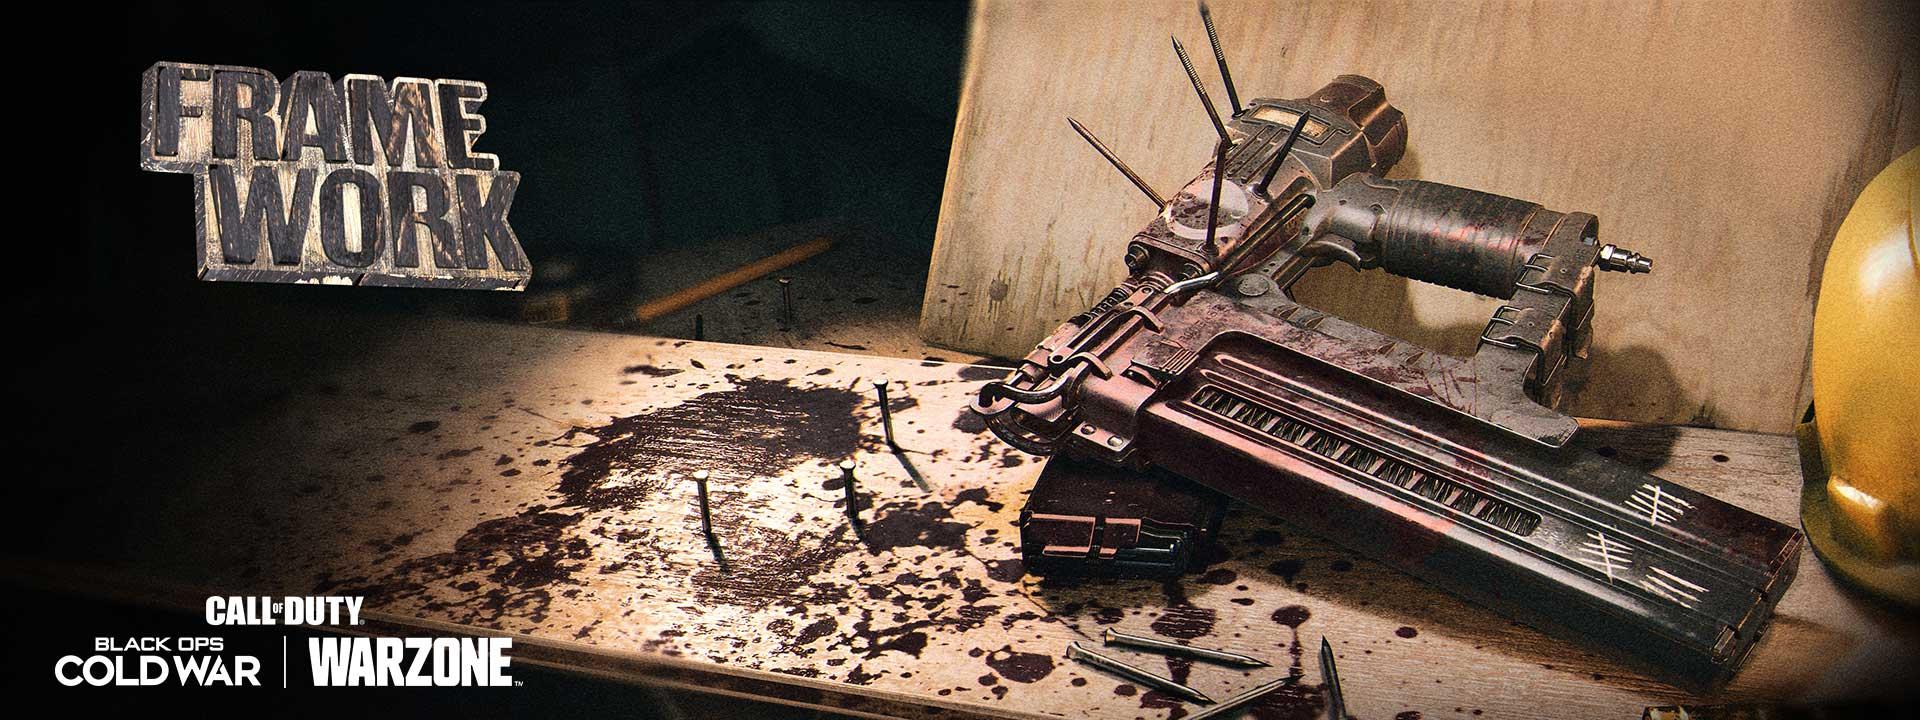 The Naaaaaaail Gun rests on a table